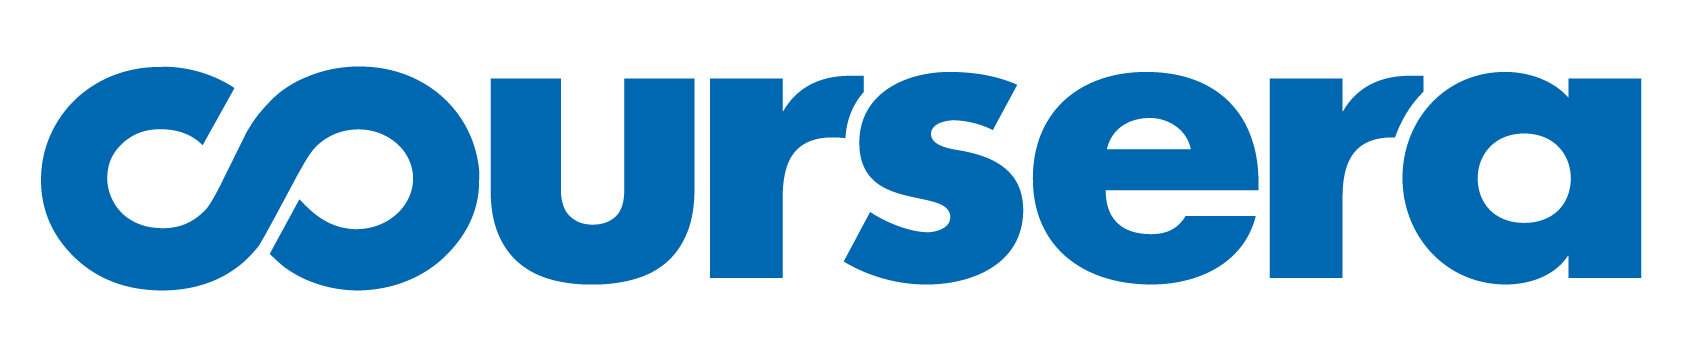 coursera-logo-nobg